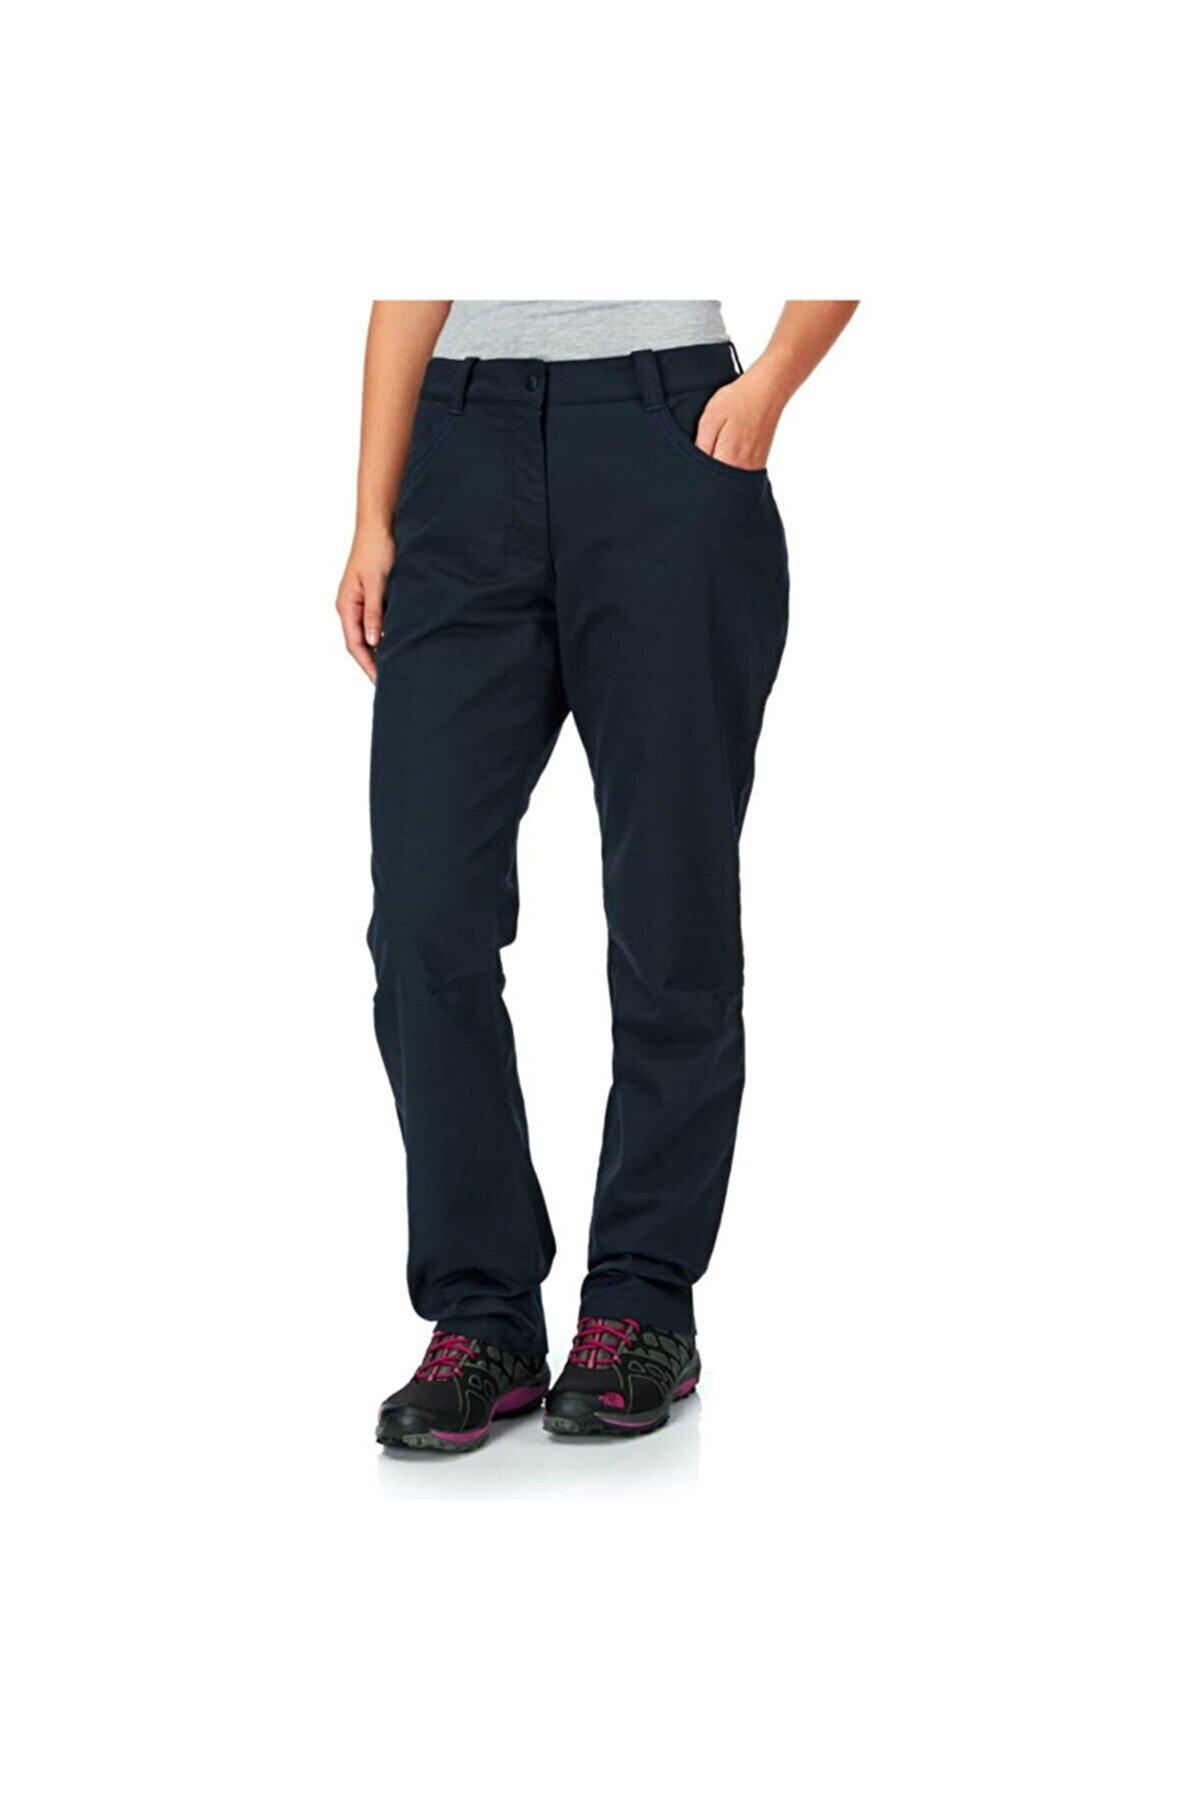 Jack Wolfskin Kadın Manitoba Winter Kışlık Pantolon 1502351